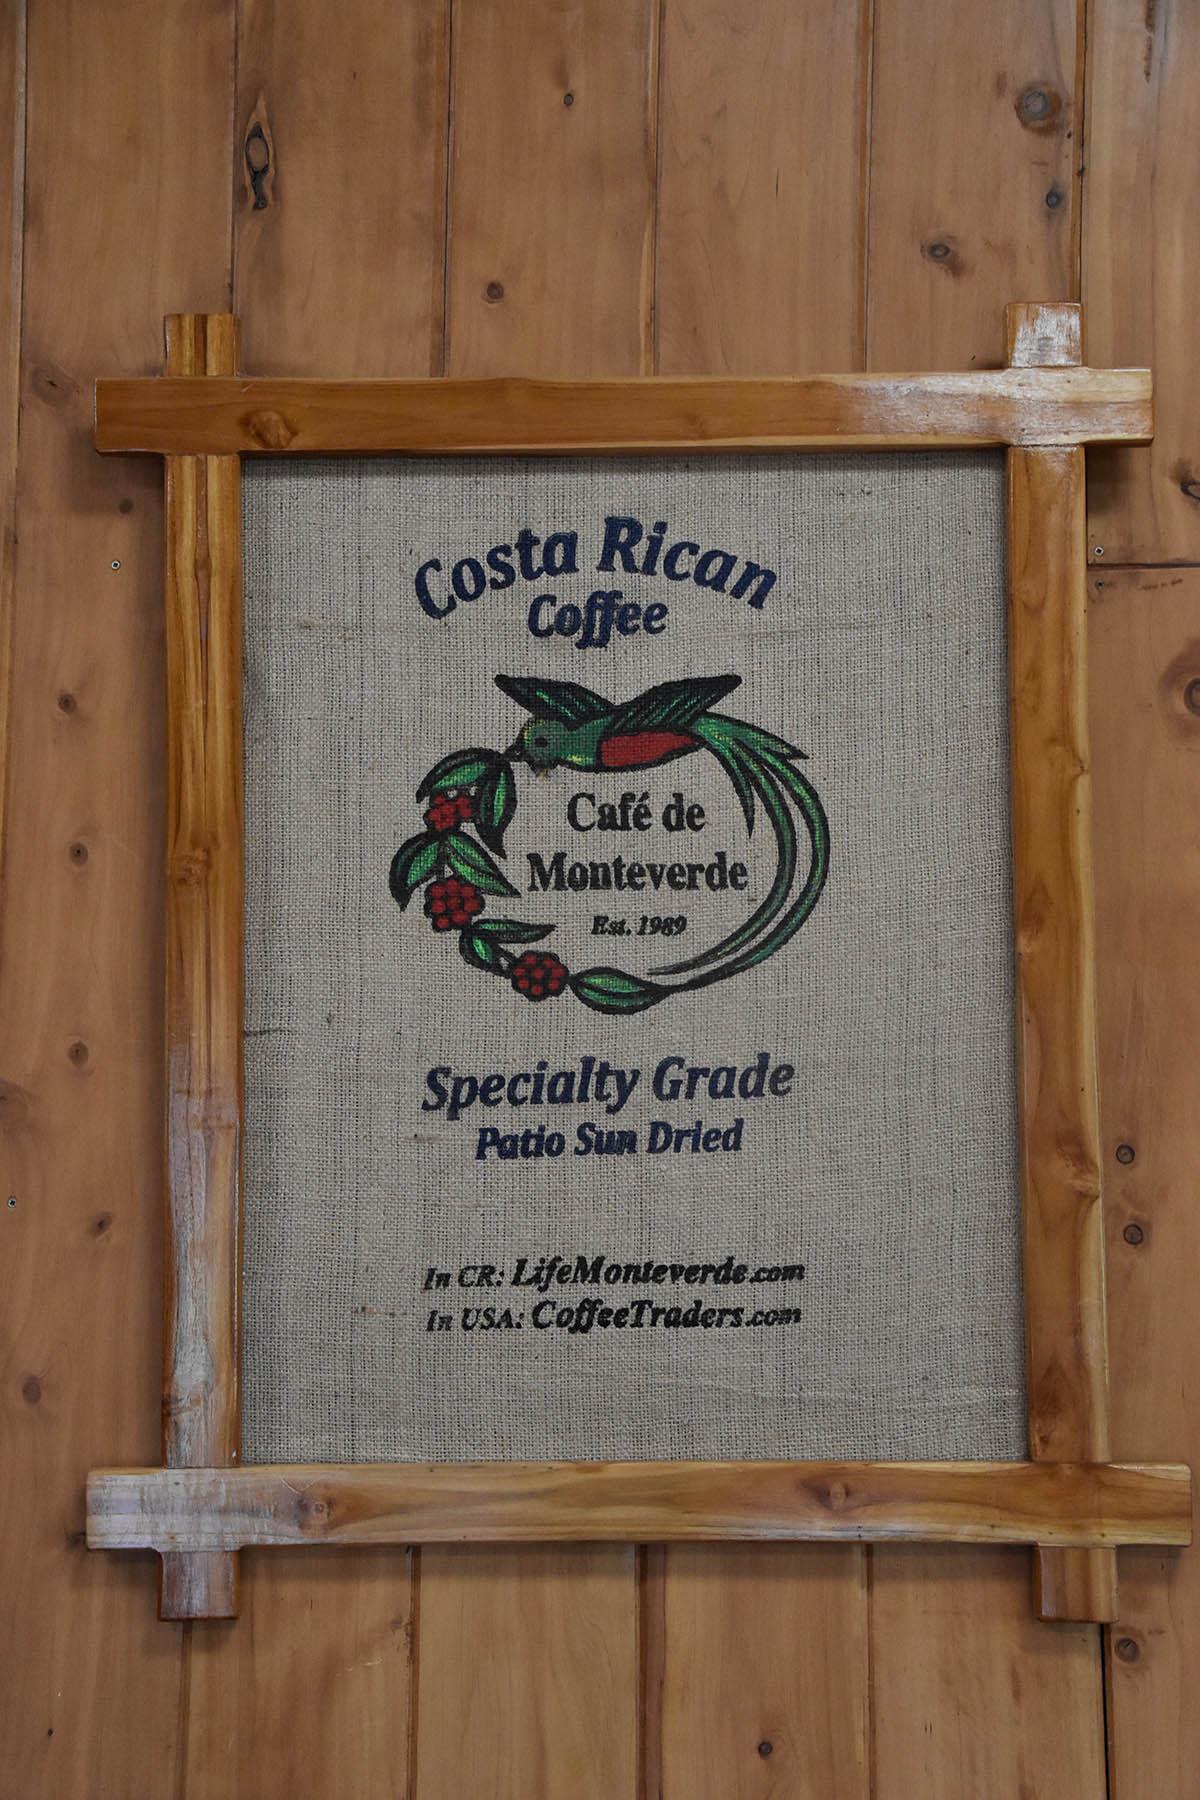 Café de Monteverde, Costa Rica